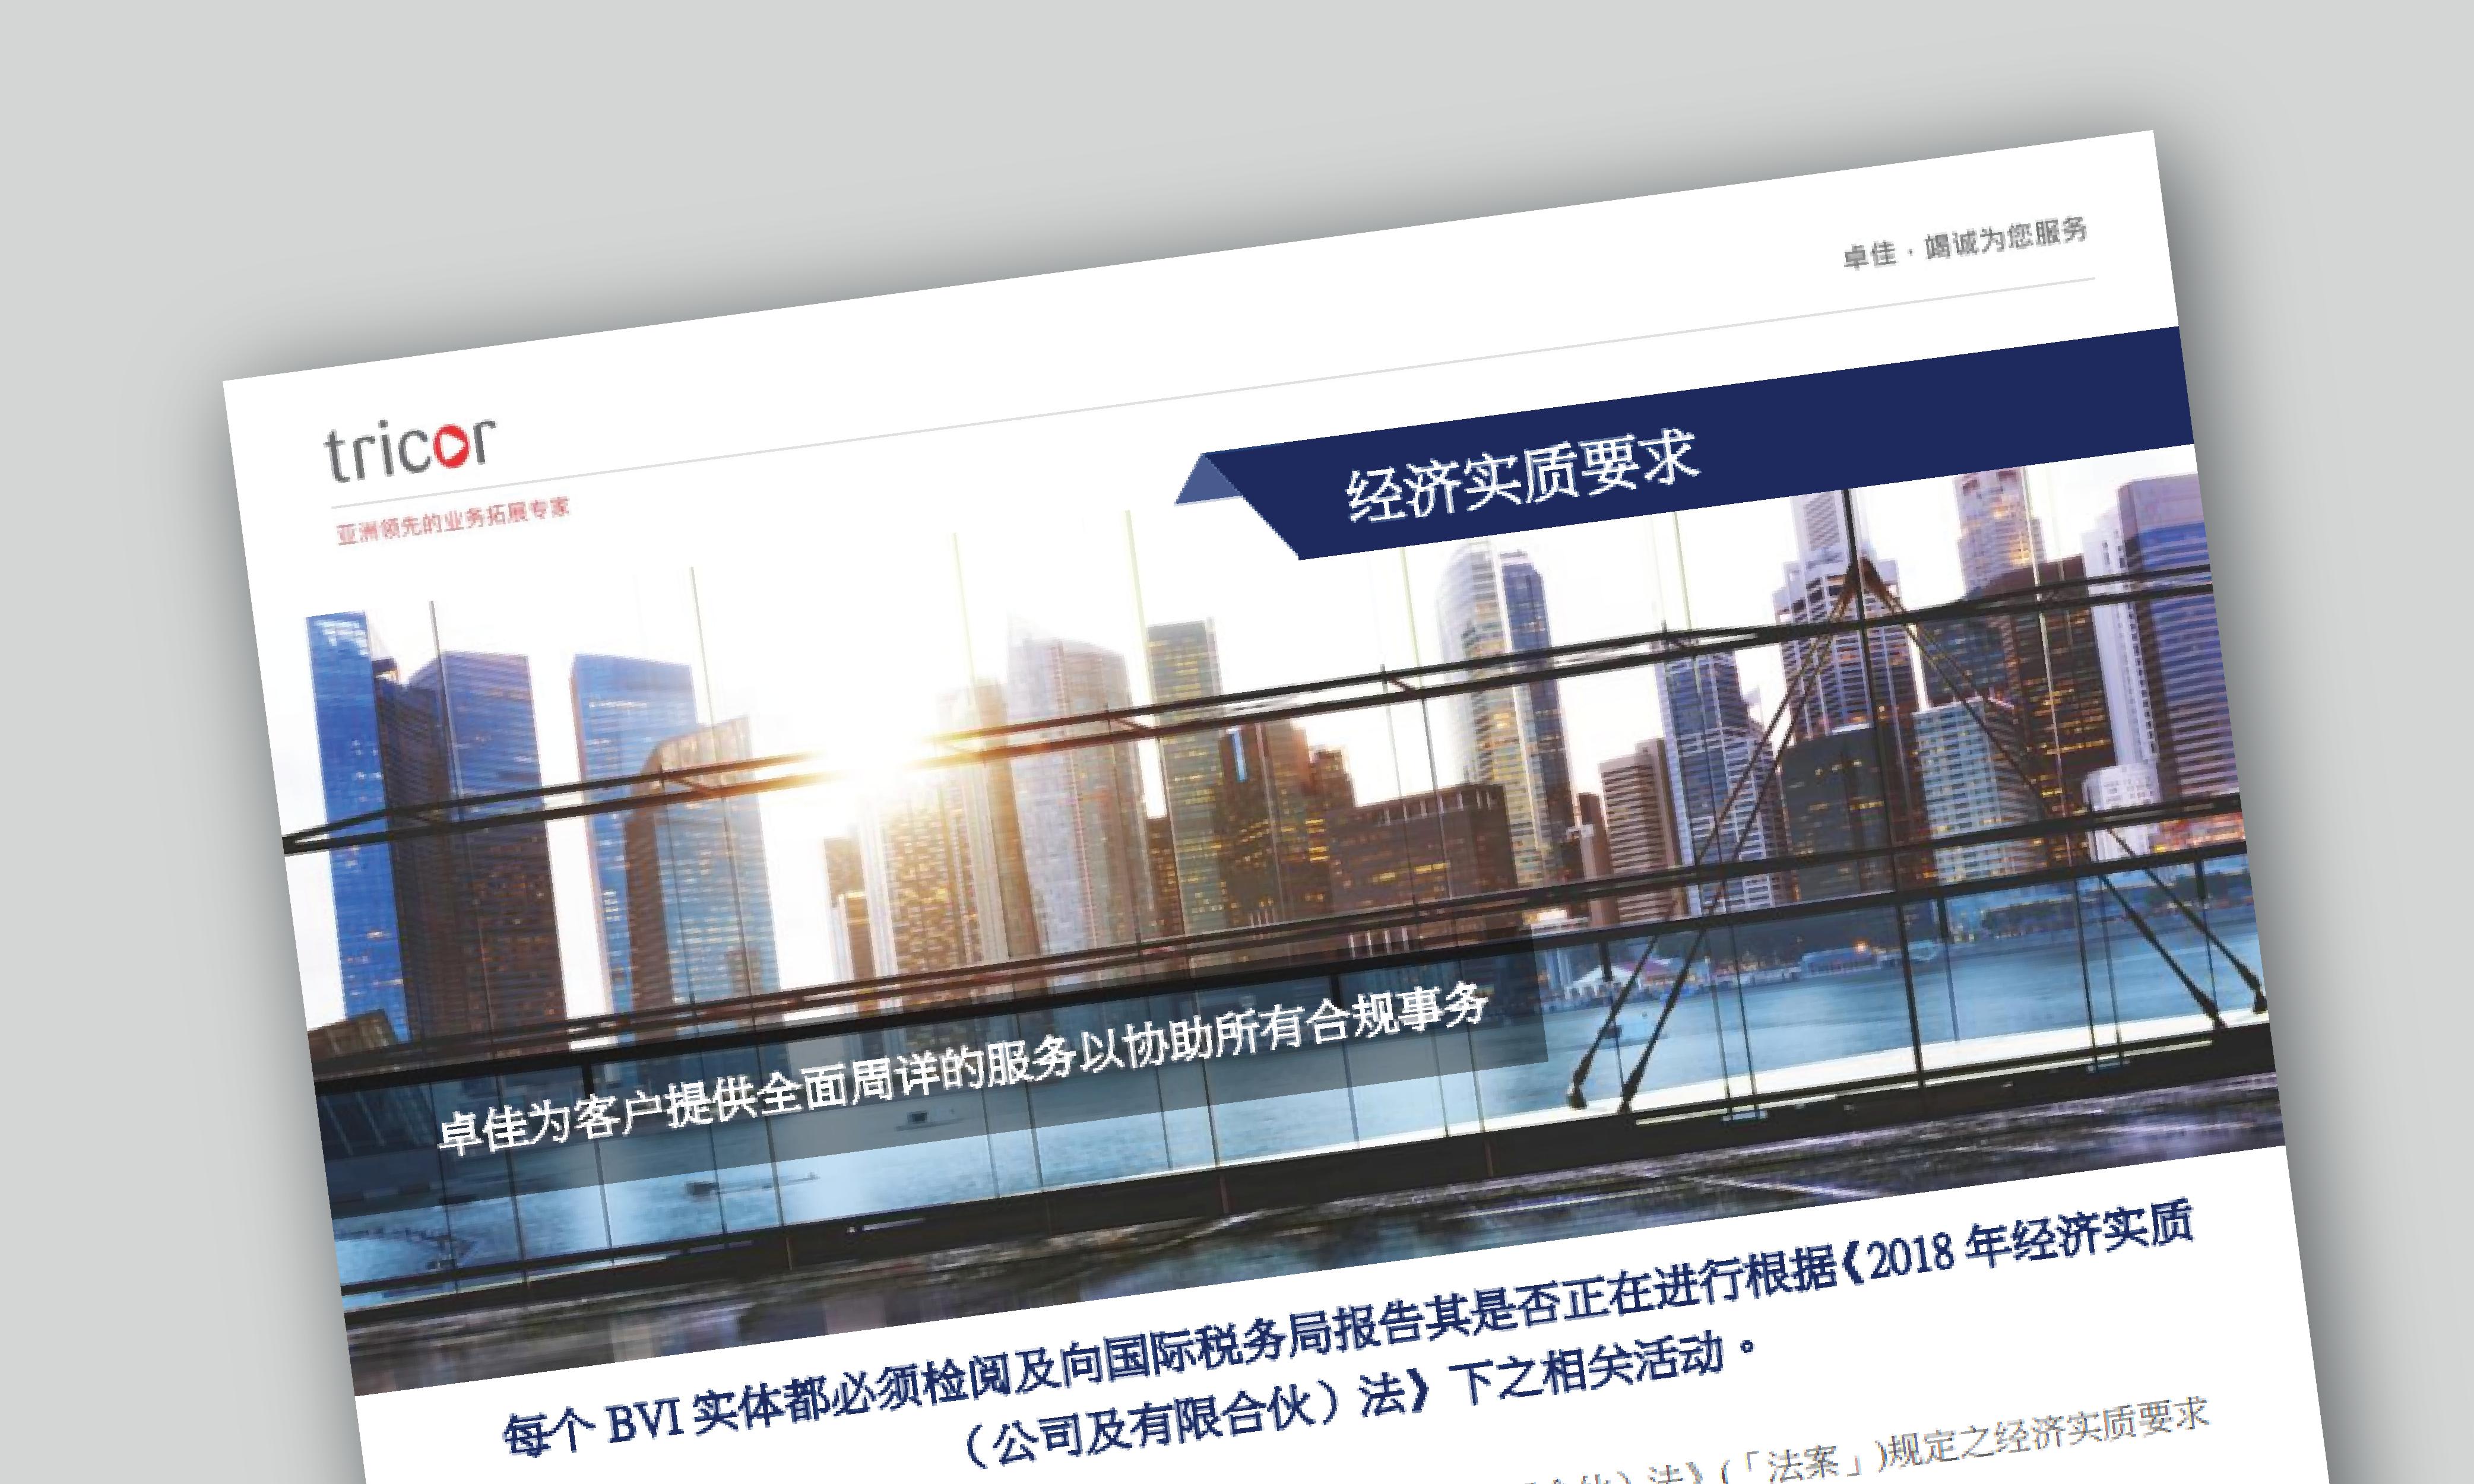 economic substance leaflet-sc-01